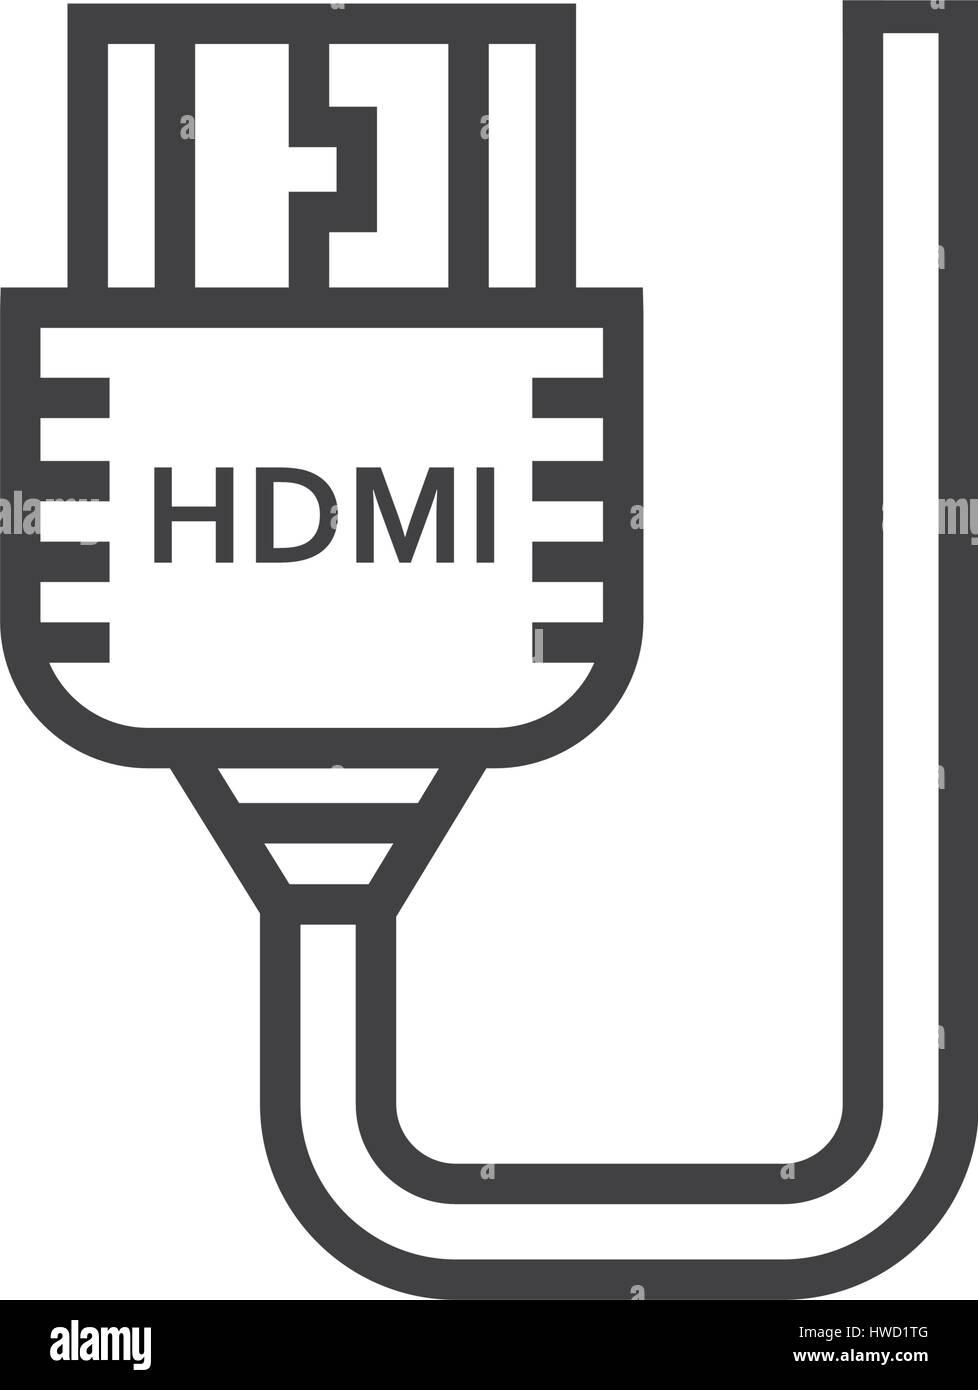 Großartig Hdmi Draht Symbol Bilder - Elektrische Schaltplan-Ideen ...